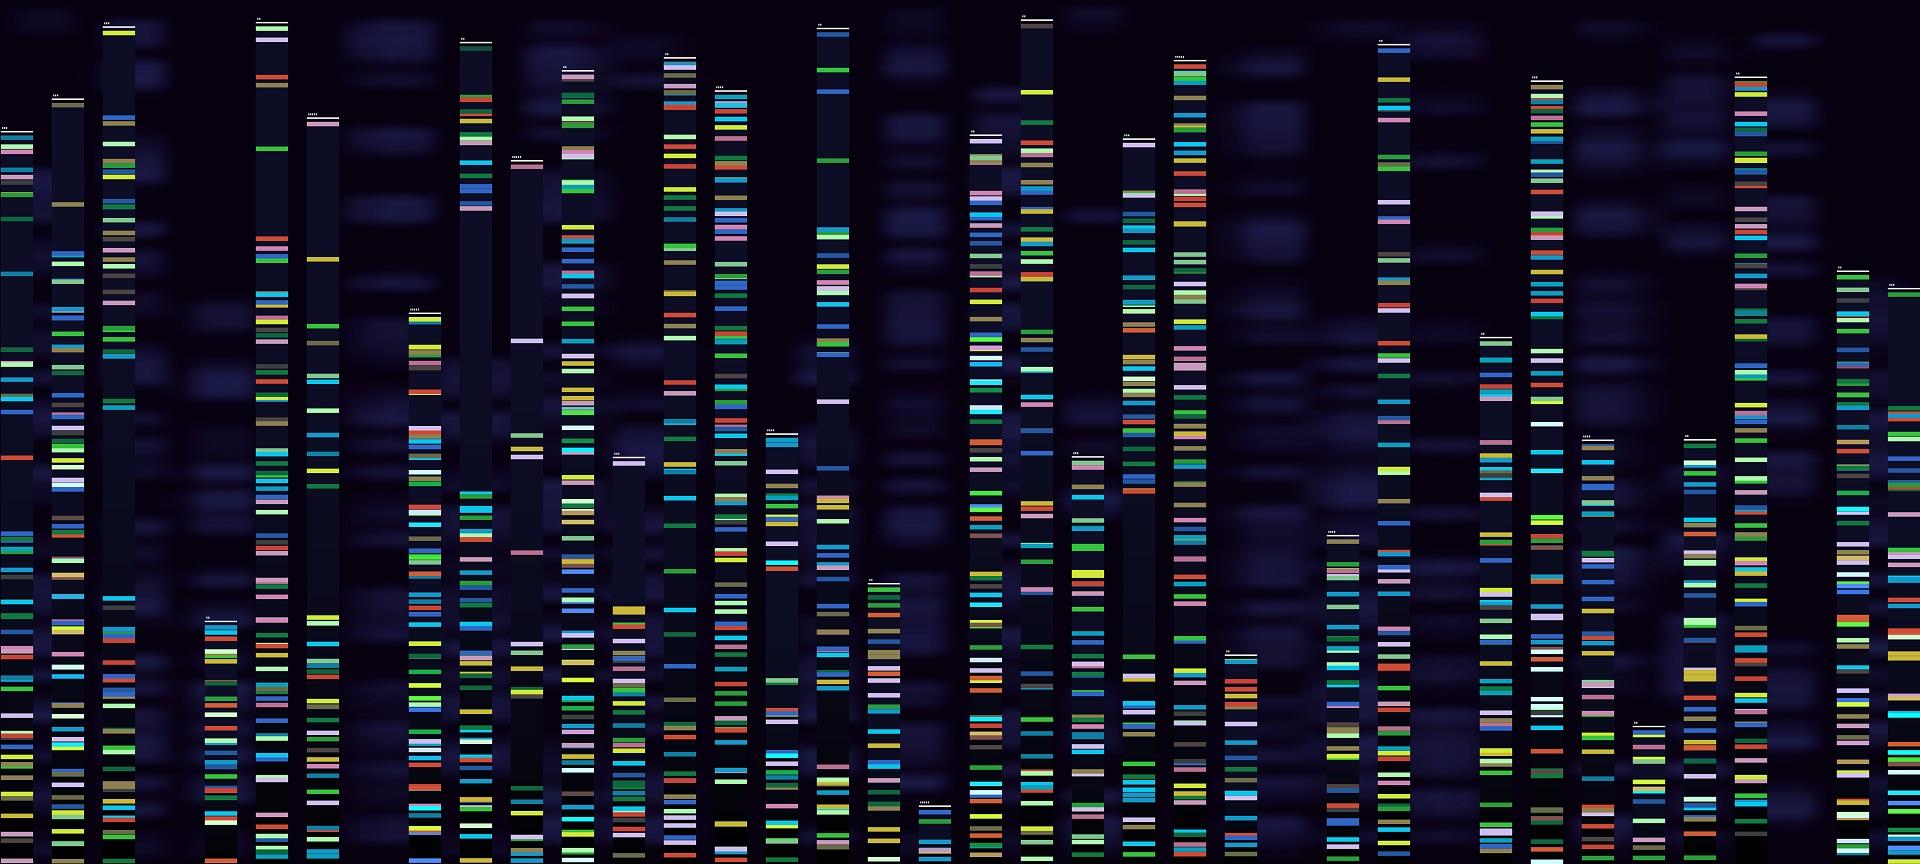 Variante de significado incerto vus sequenciamento completo do exoma painel genético mutação genética indeterminada alteração no exoma clínico gene DNA